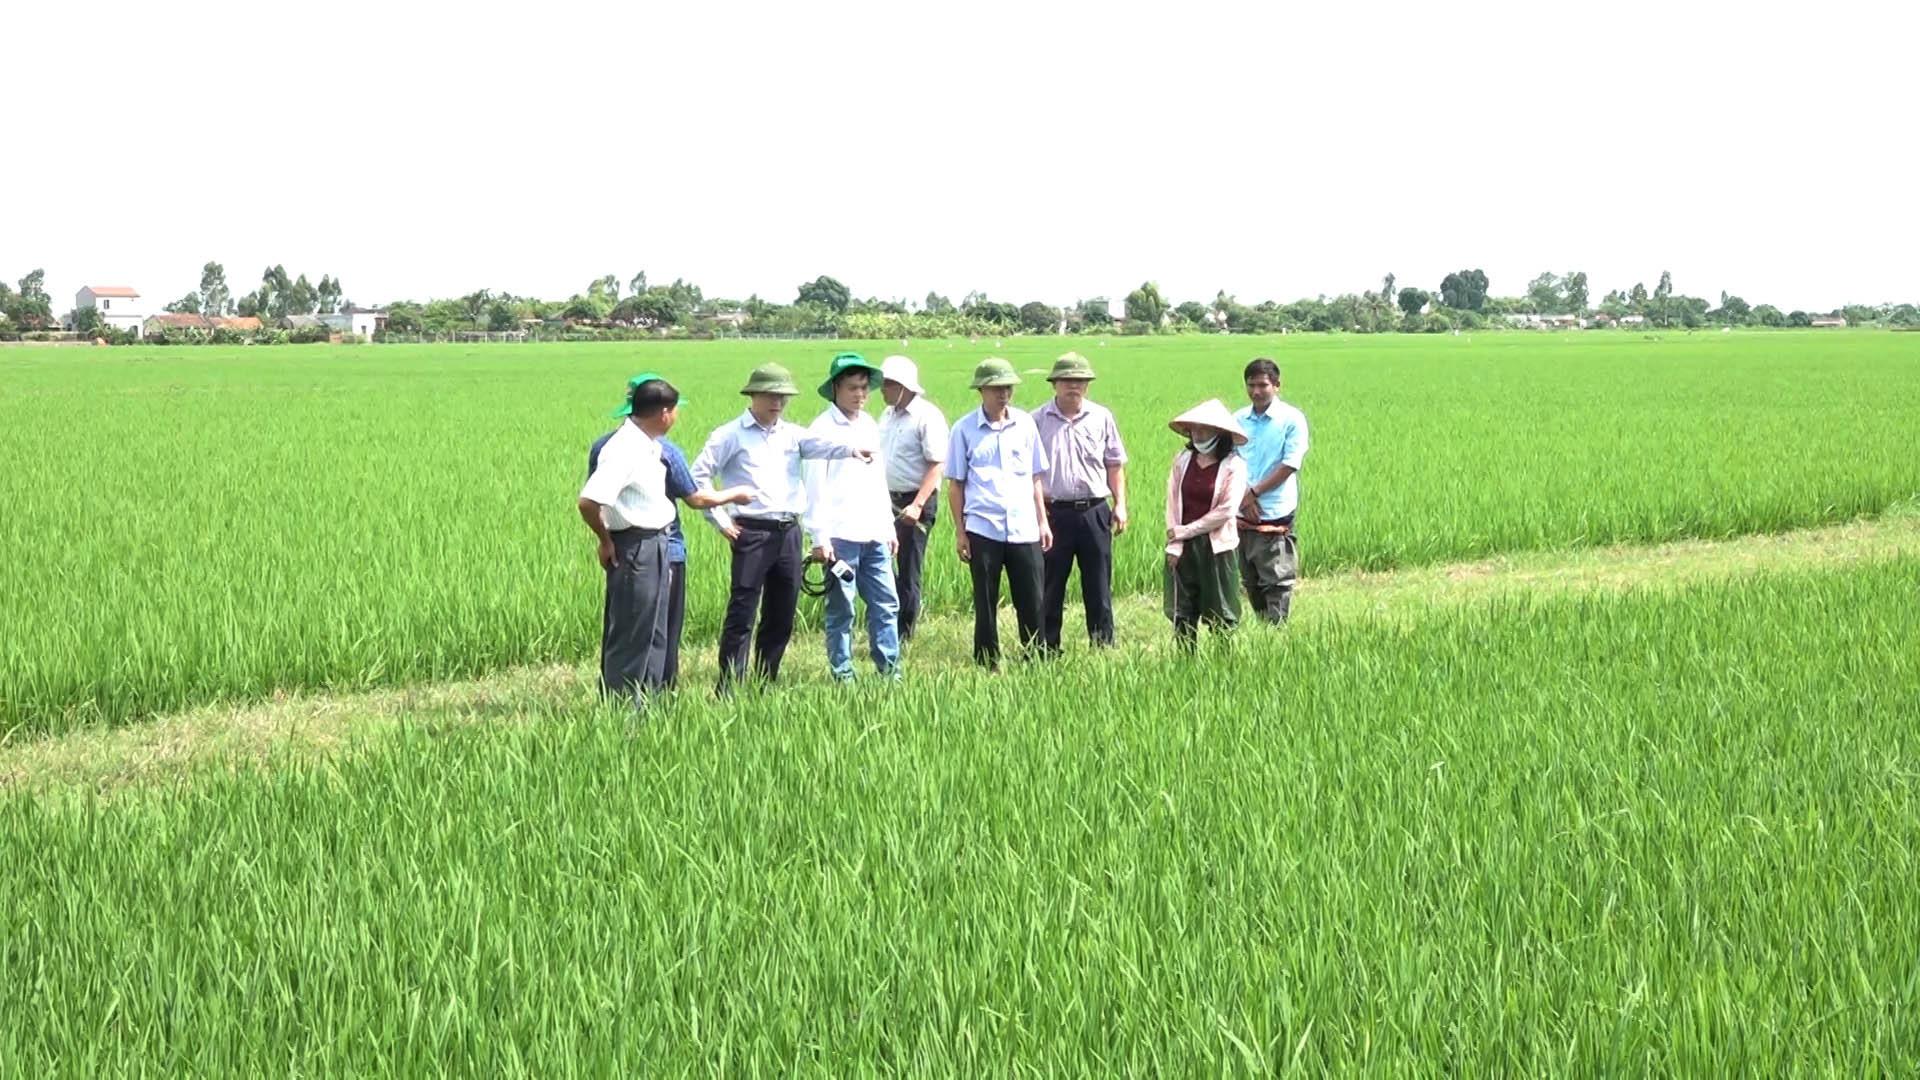 ĐBSH xuất hiện dịch bệnh hại trên lúa, Cục BVTV yêu cầu các tỉnh tập trung bảo vệ 840.000ha lúa - Ảnh 1.